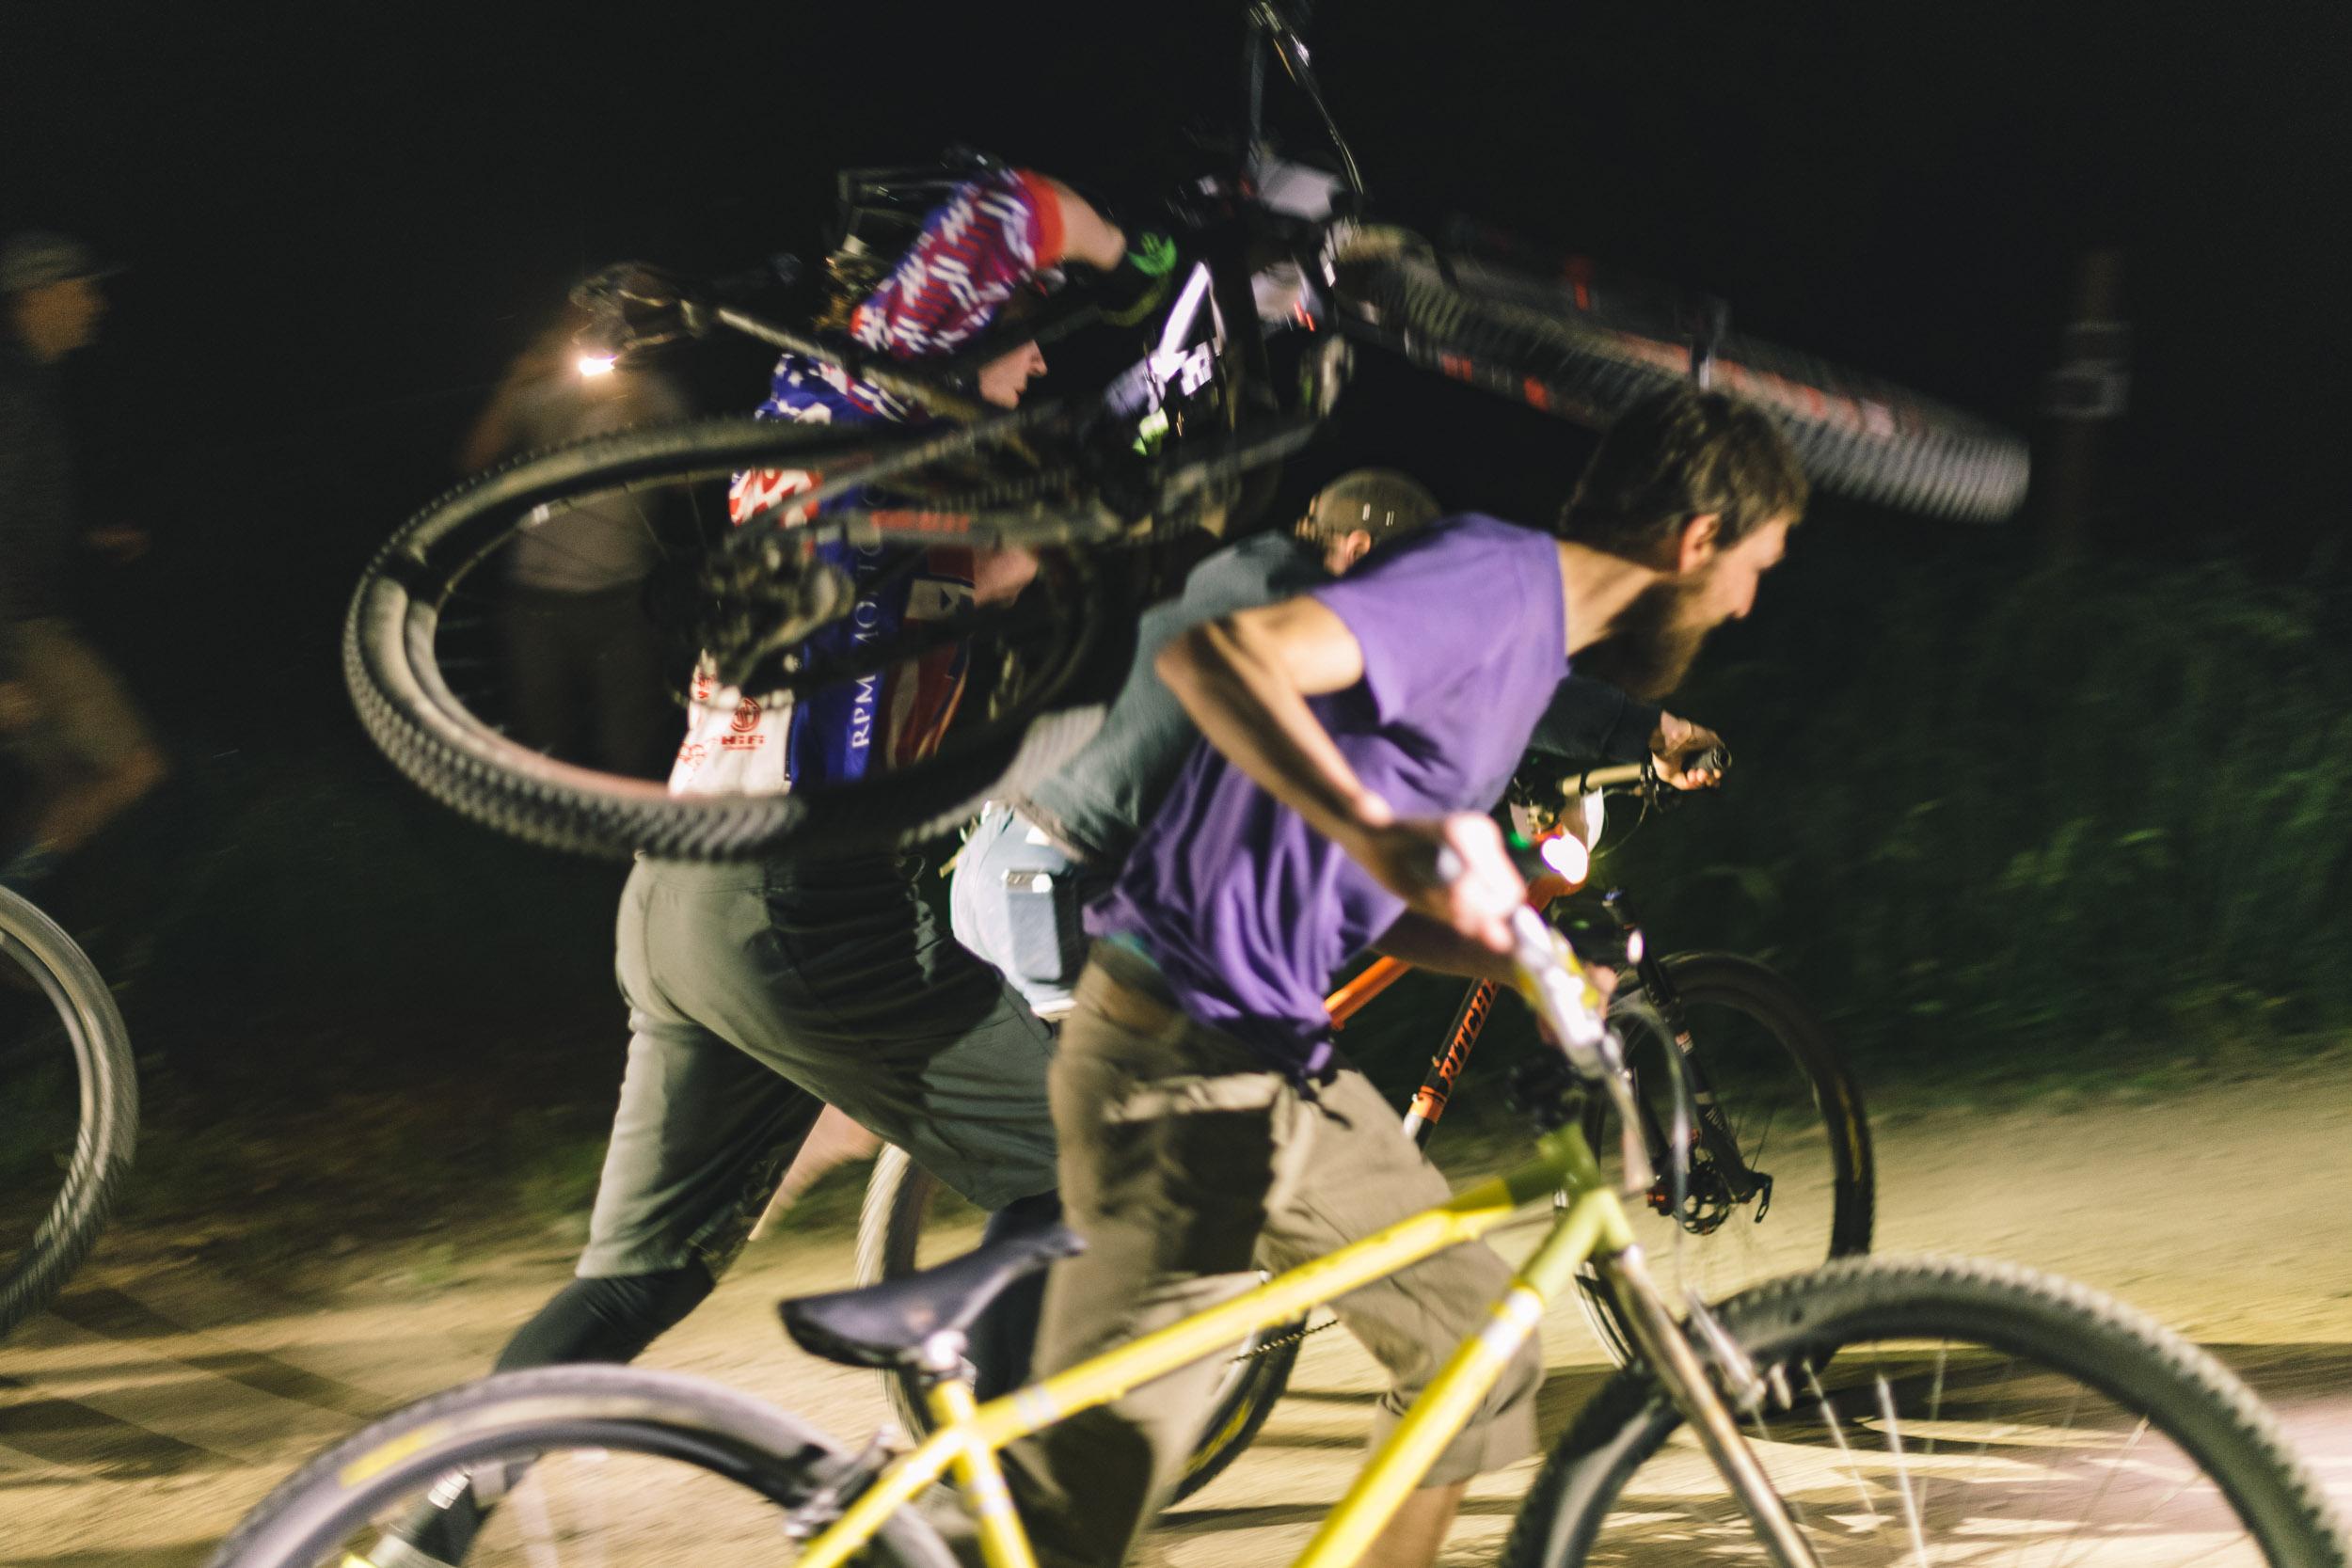 COBRA_Racing_Gateway_Miguel_Race_57.jpg